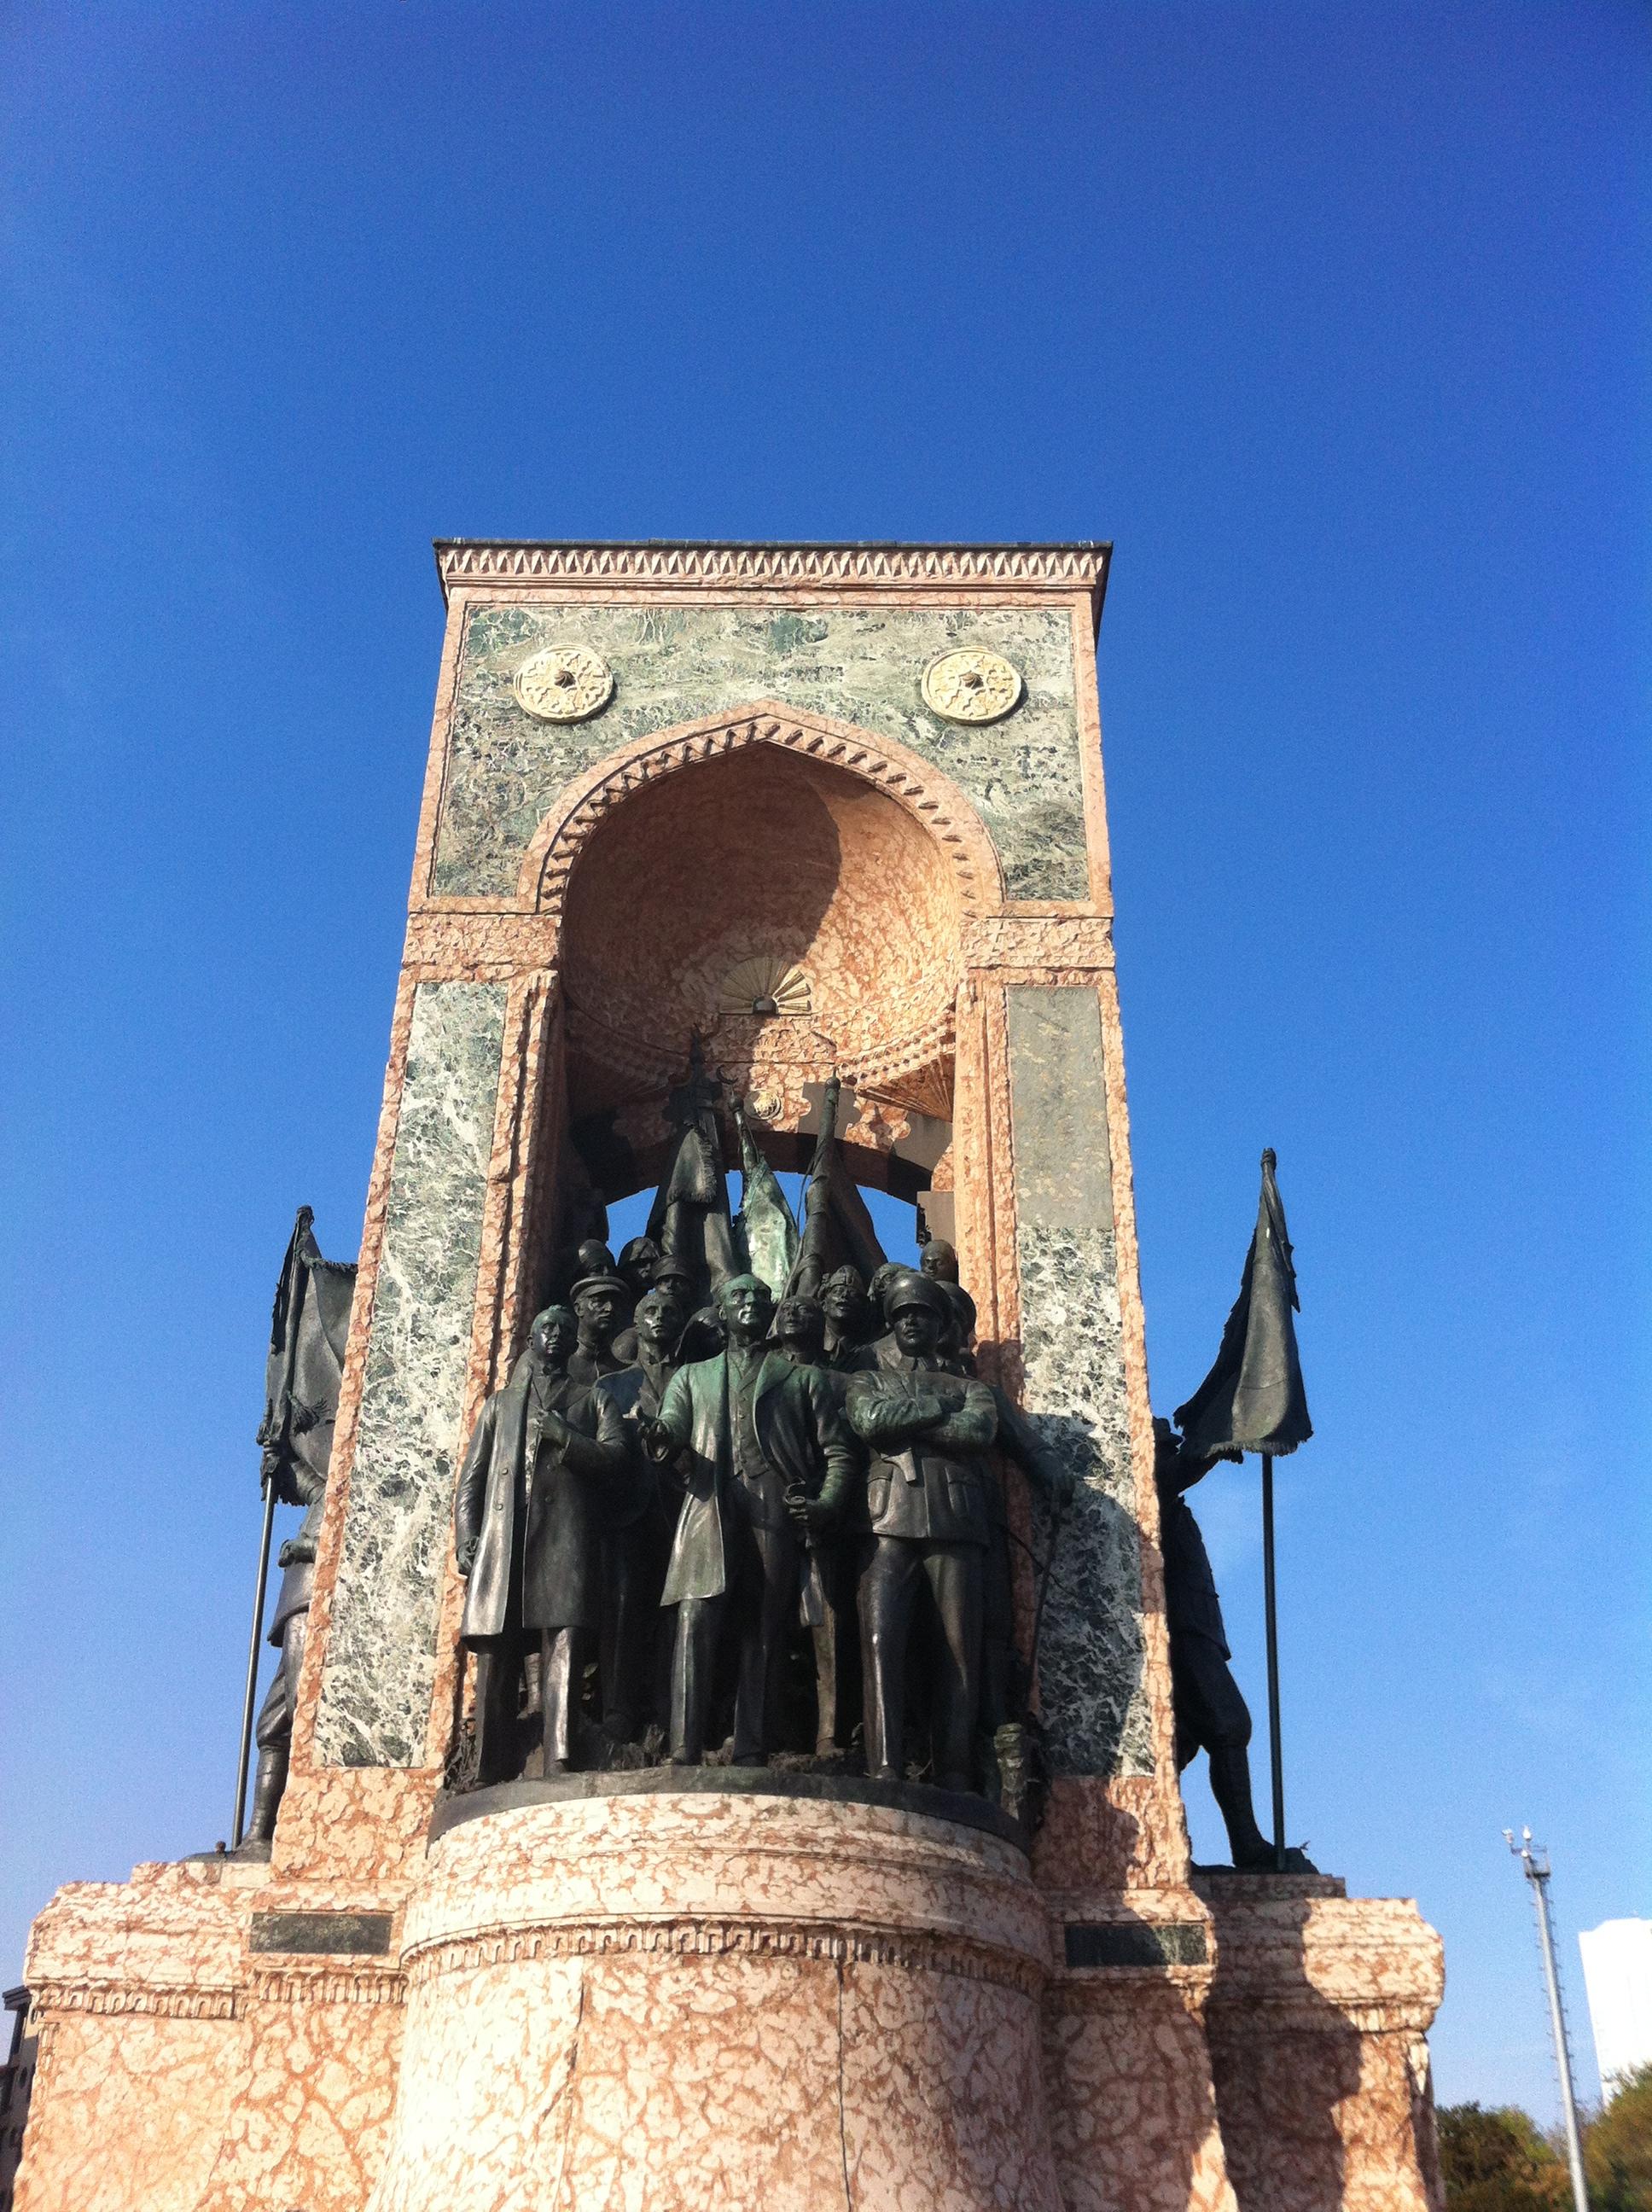 Estatua a patriotas turcos en el centro de Estambul.